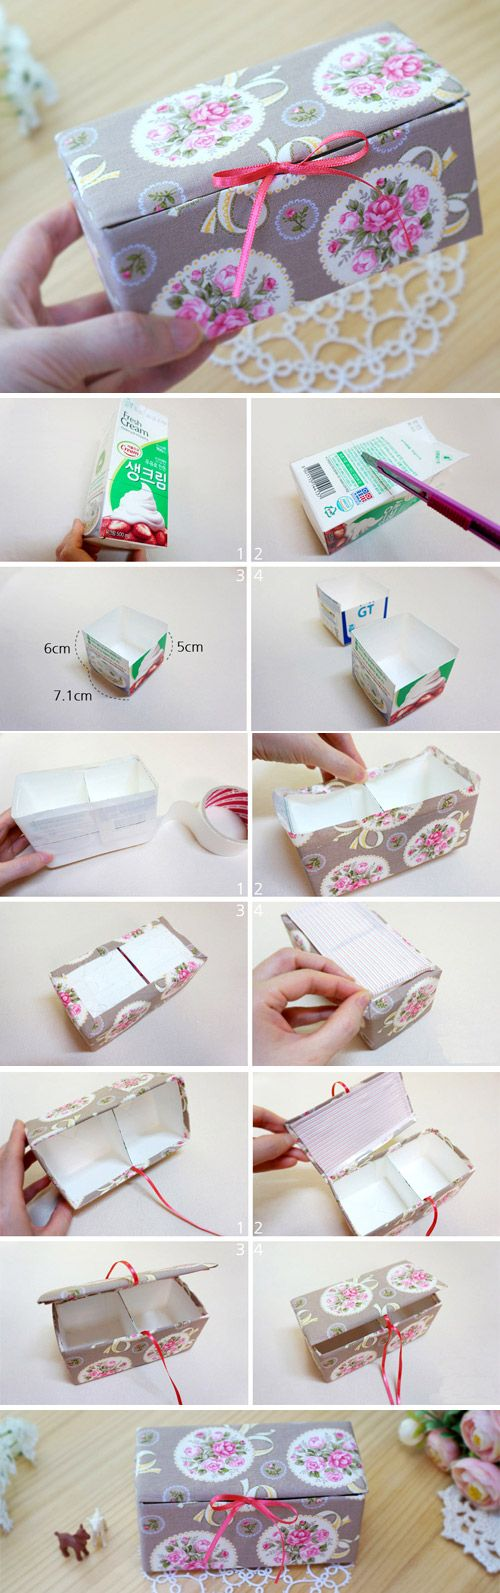 diy-reciclagem-pacotes-leite-3